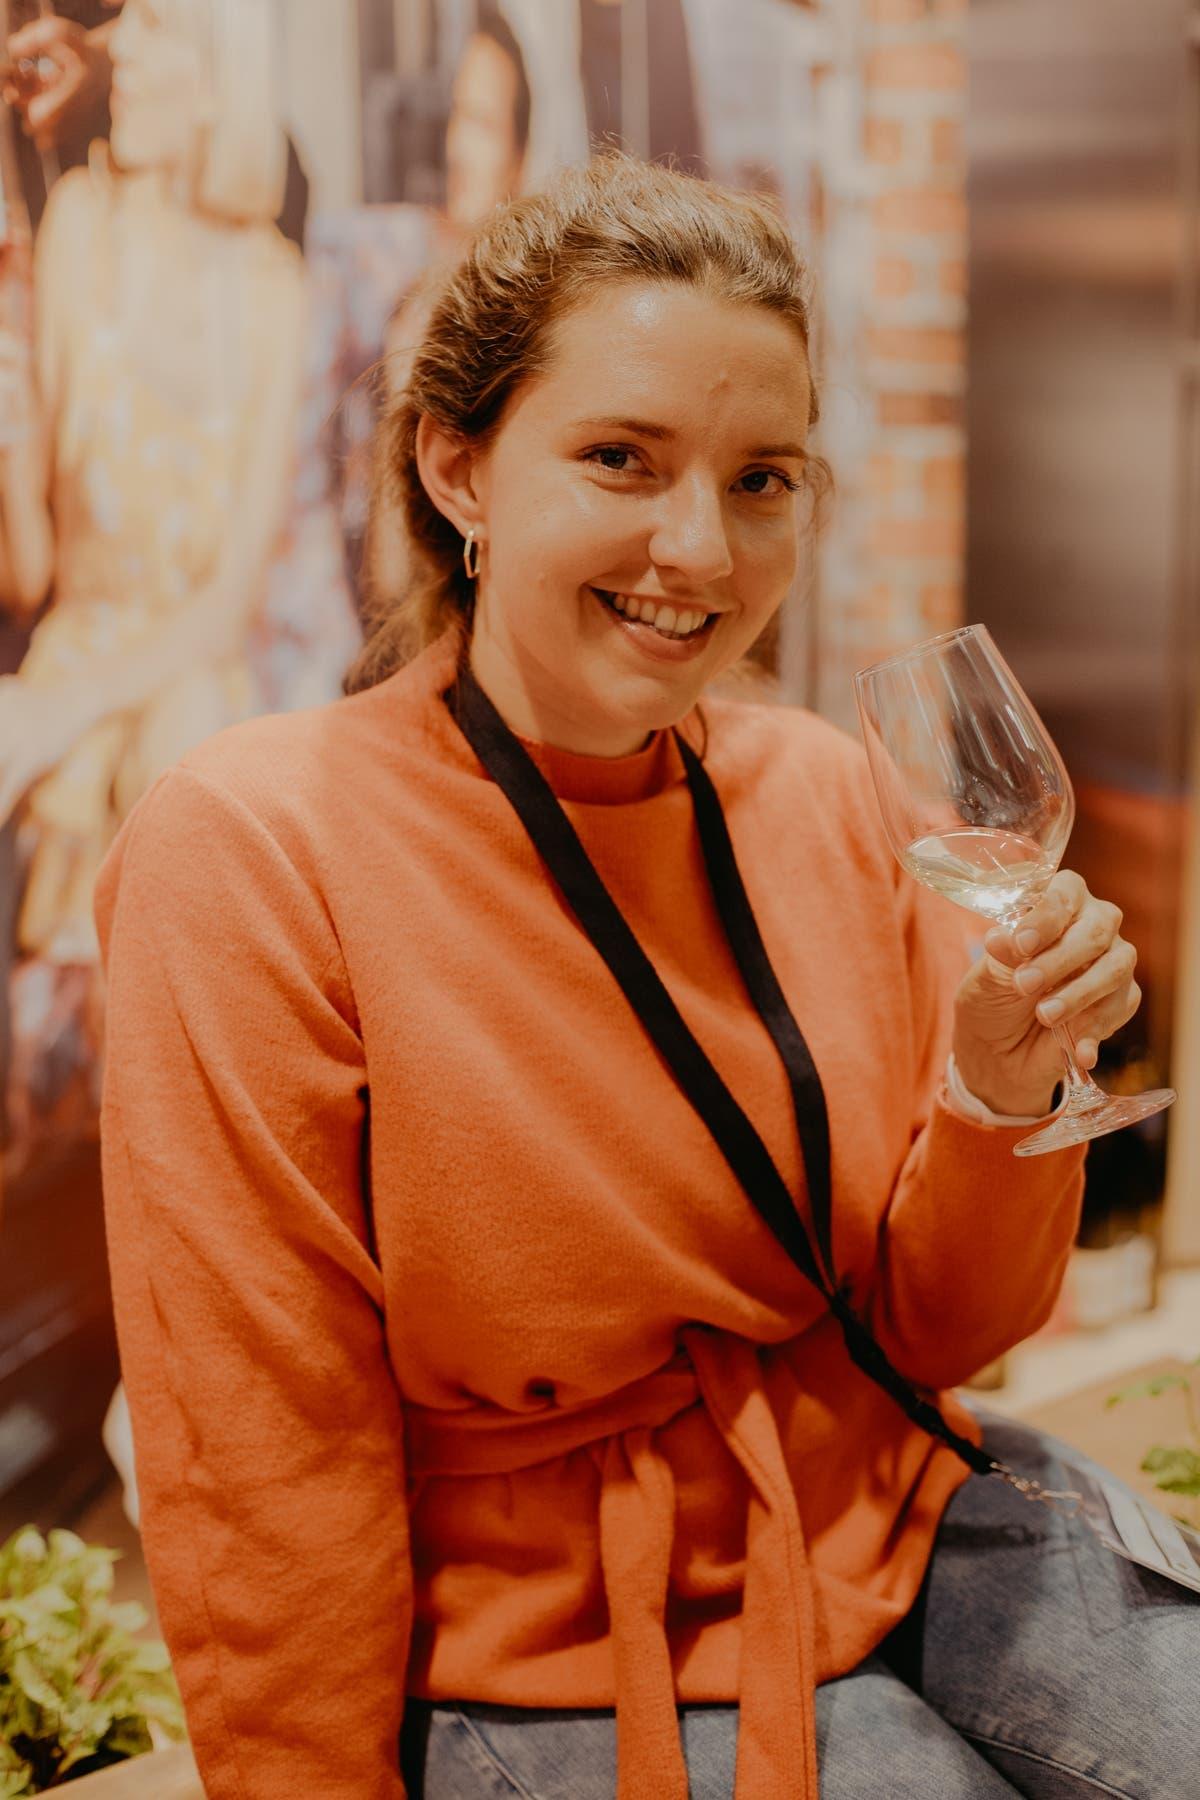 Frau schaut lächelnd in die Kamera und hat ein Weinglas in der Hand.